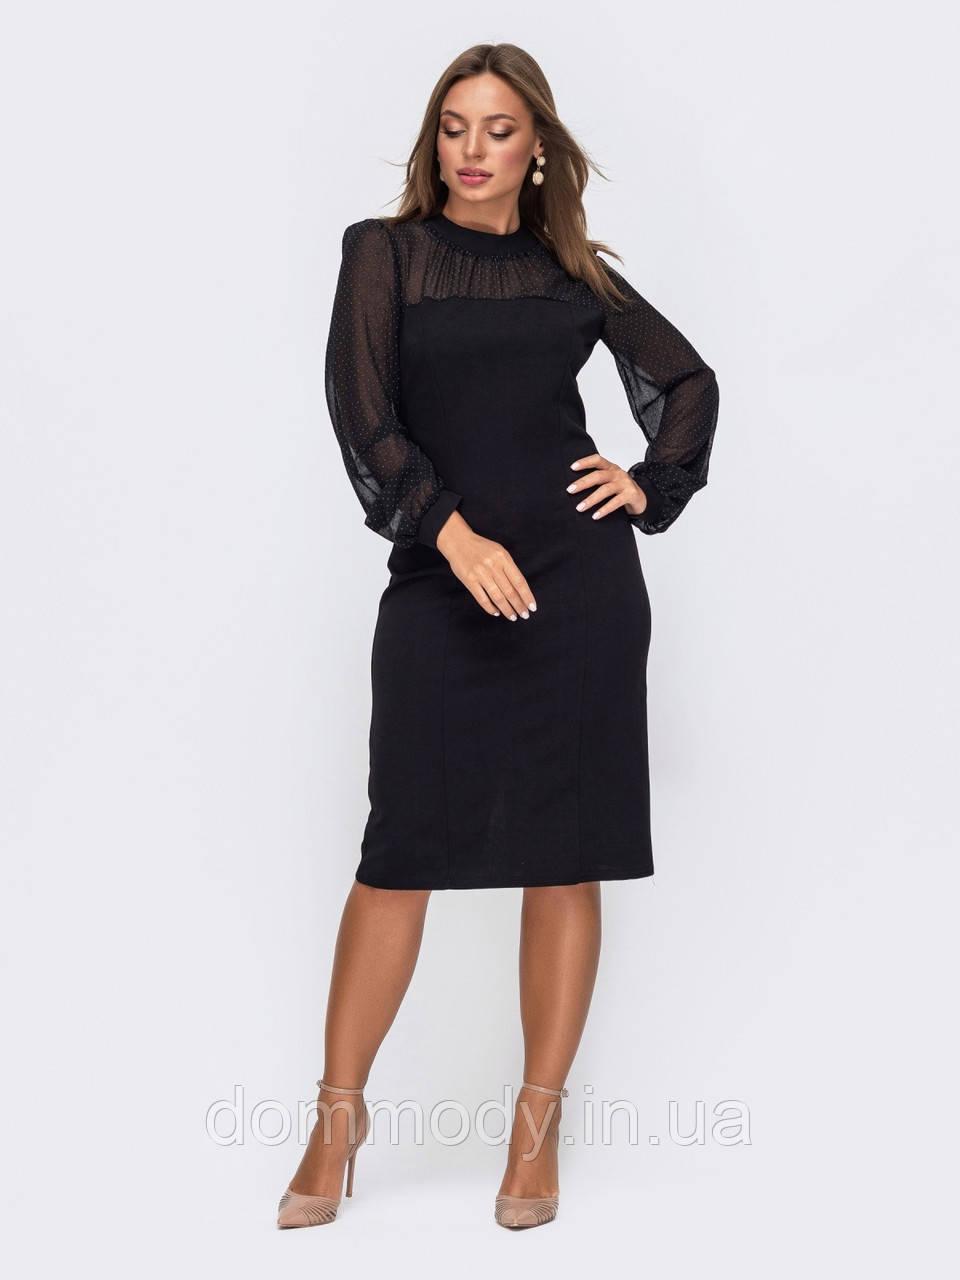 Платье женское Tanya black